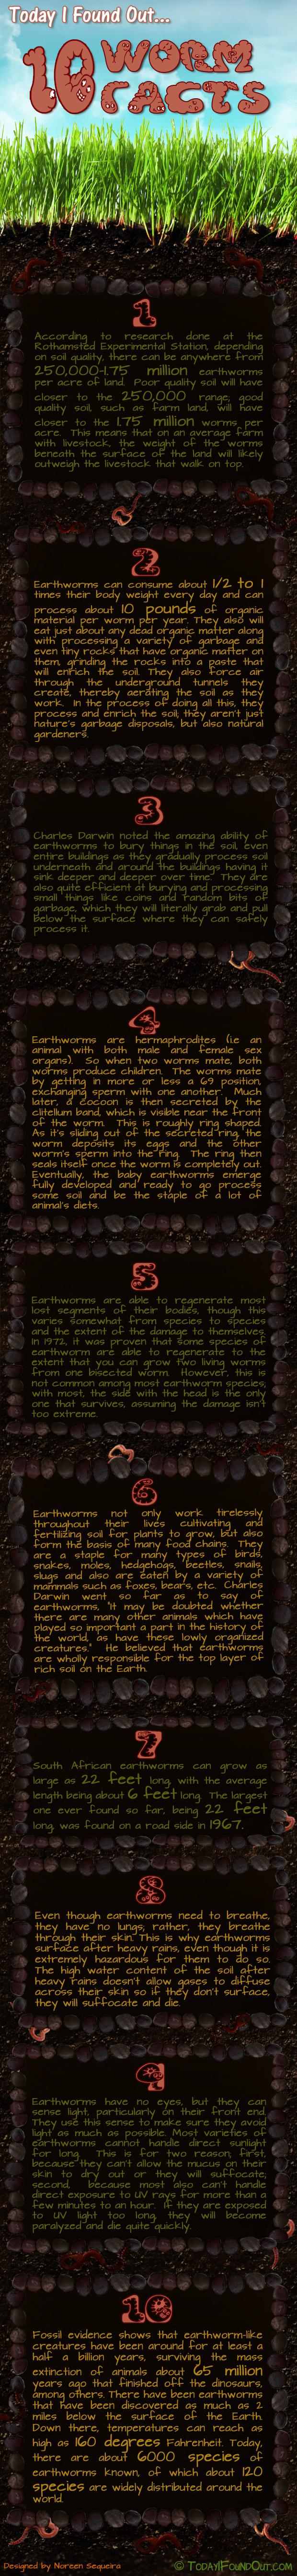 Worm Infographic